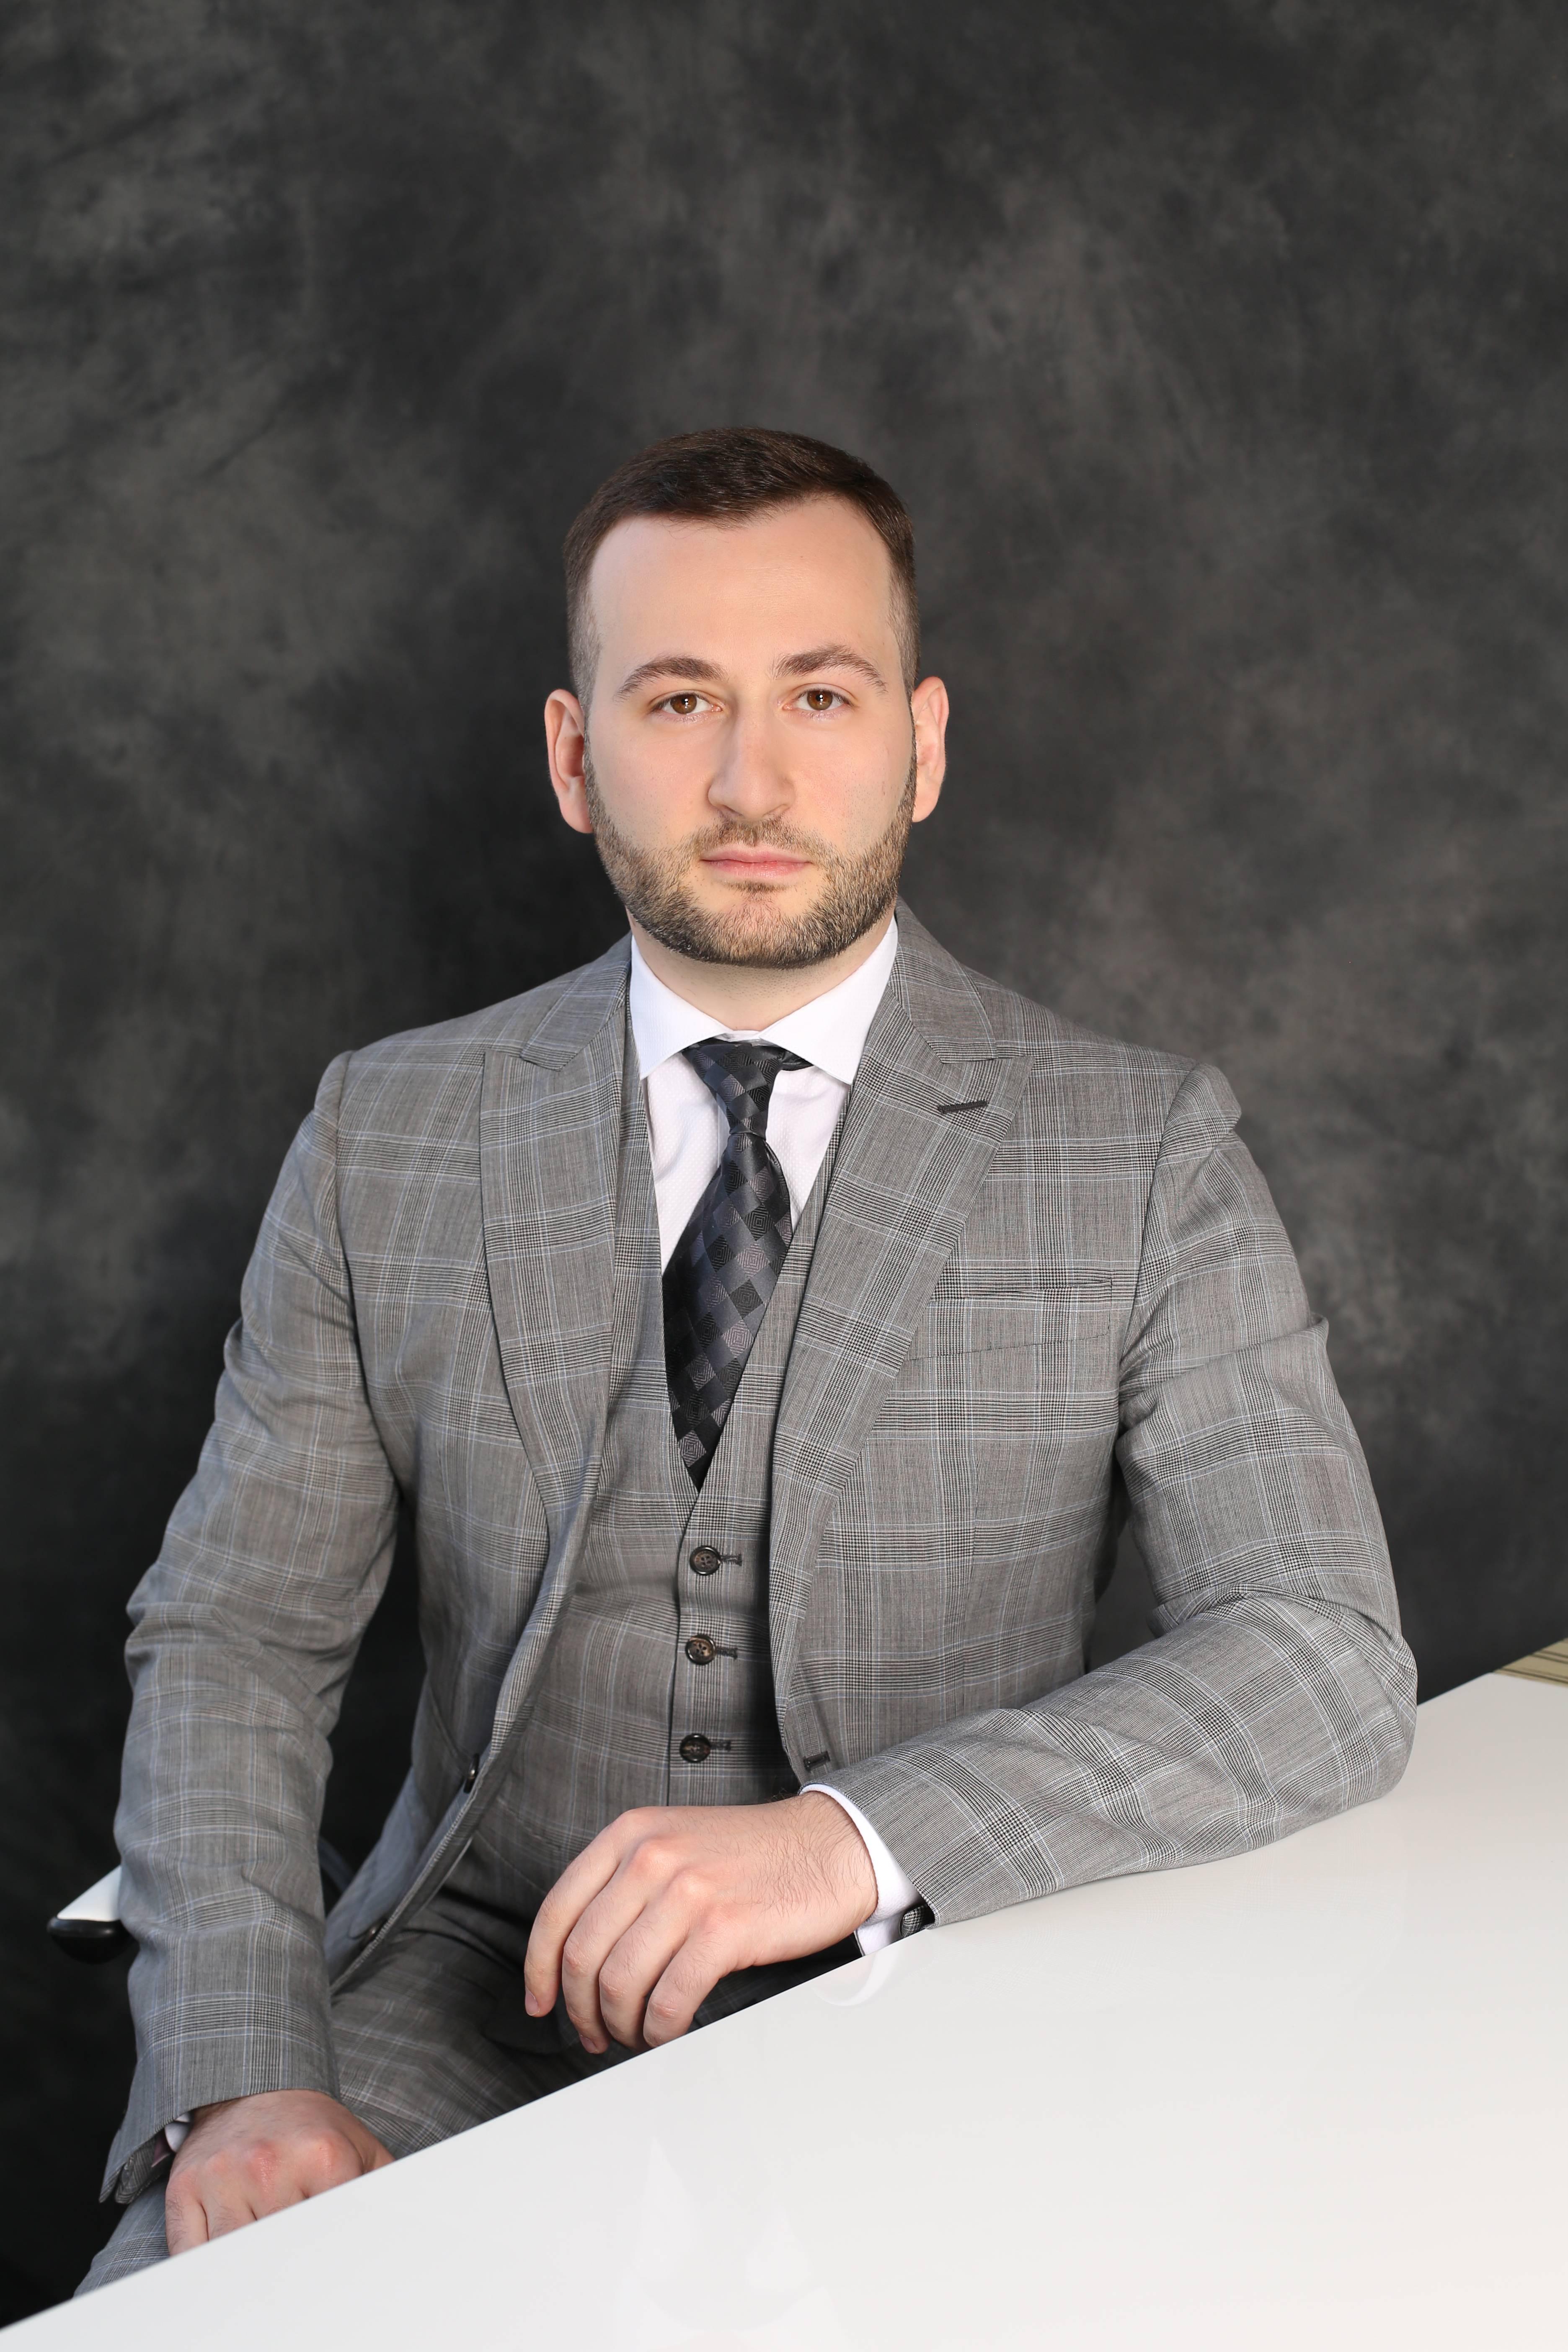 Виктор Адамов назначен президентом ПАО «Галс-Девелопмент»